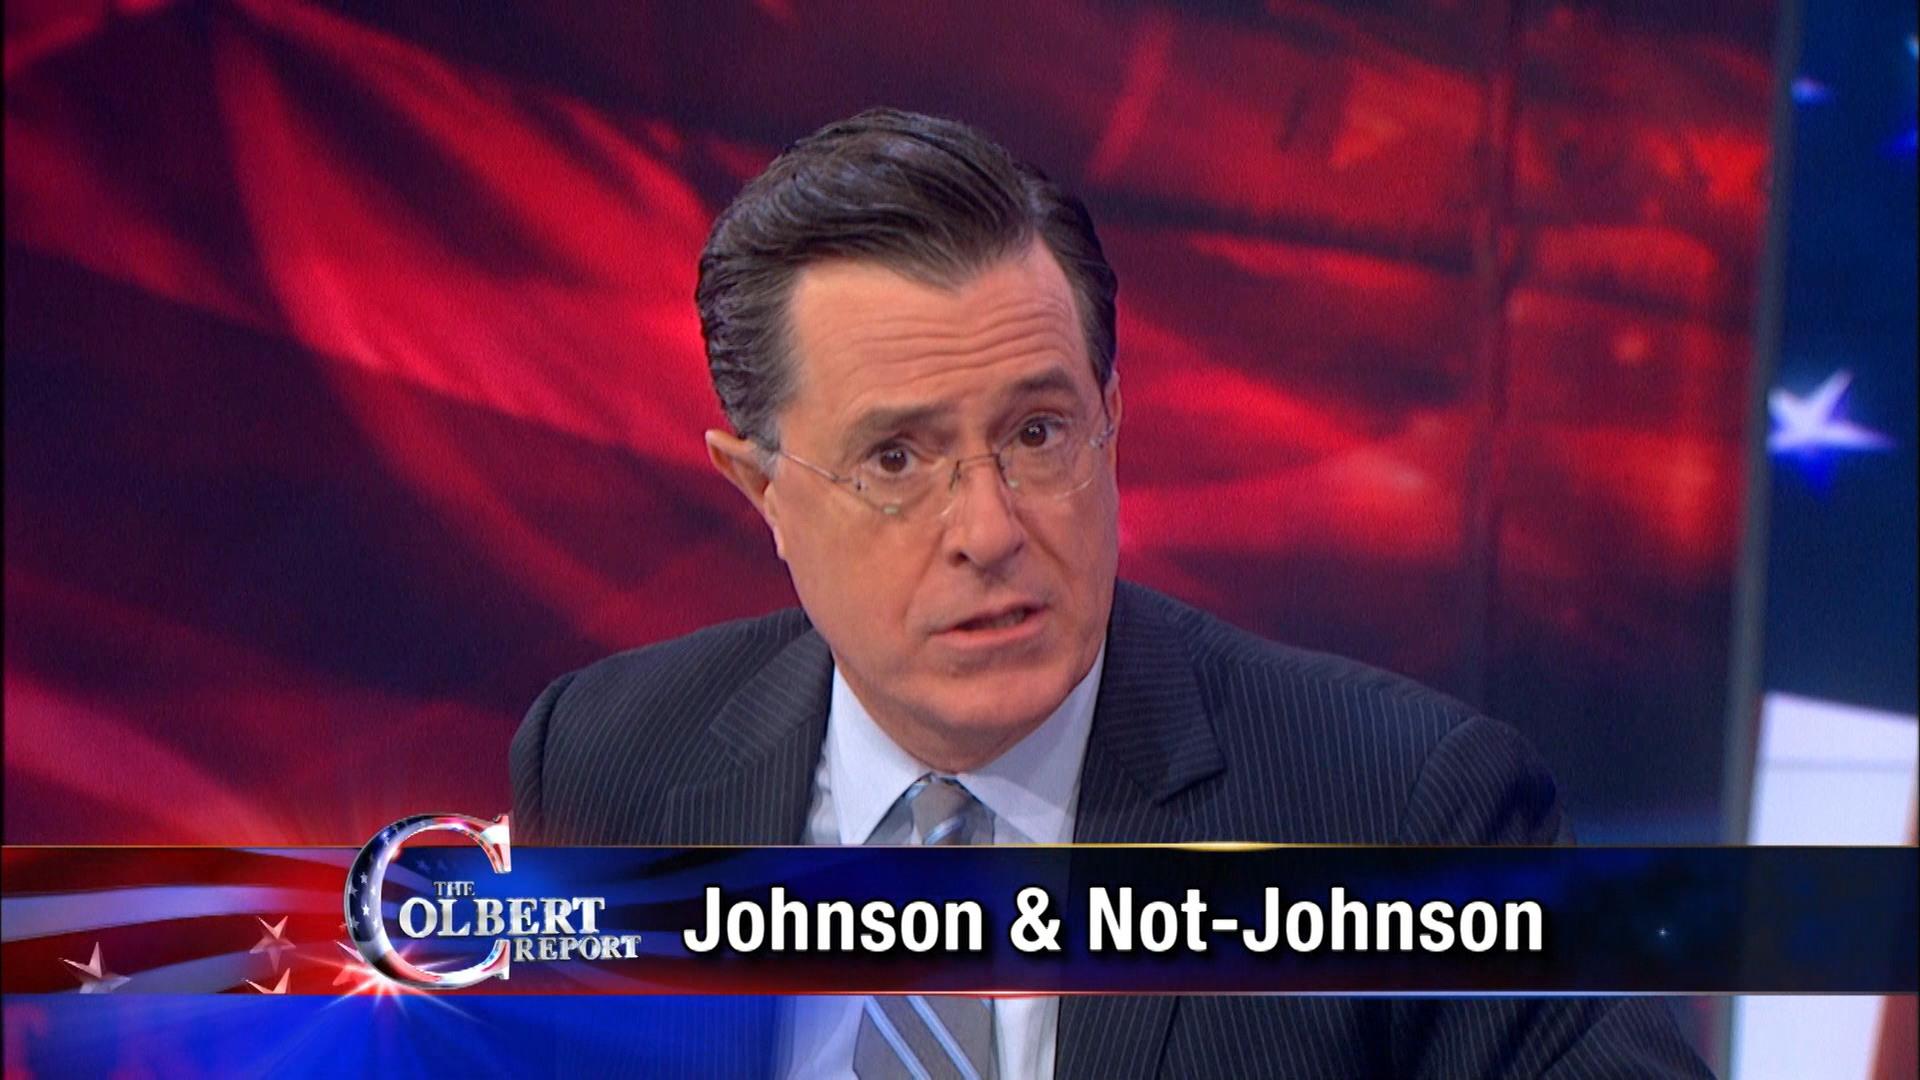 November 6, 2014 - Steven Johnson